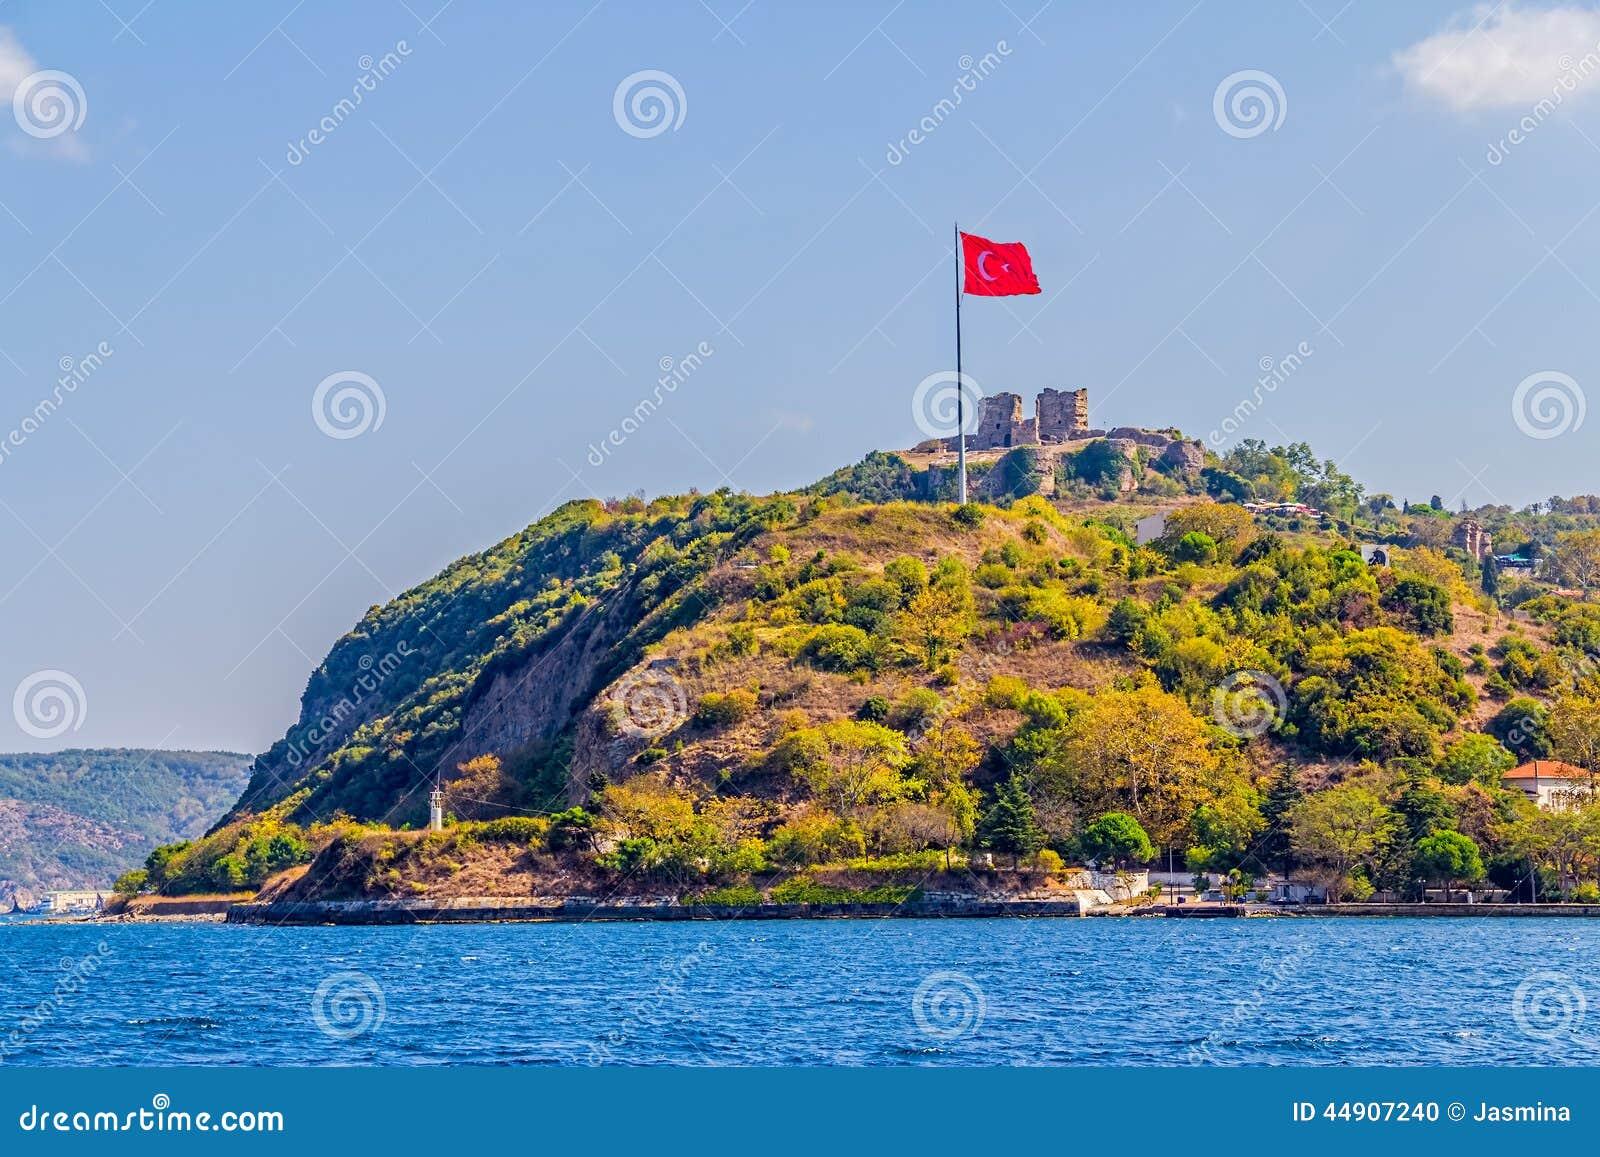 Anadolu Kavagi With Yoros Castle Stock Photo - Image: 44907240